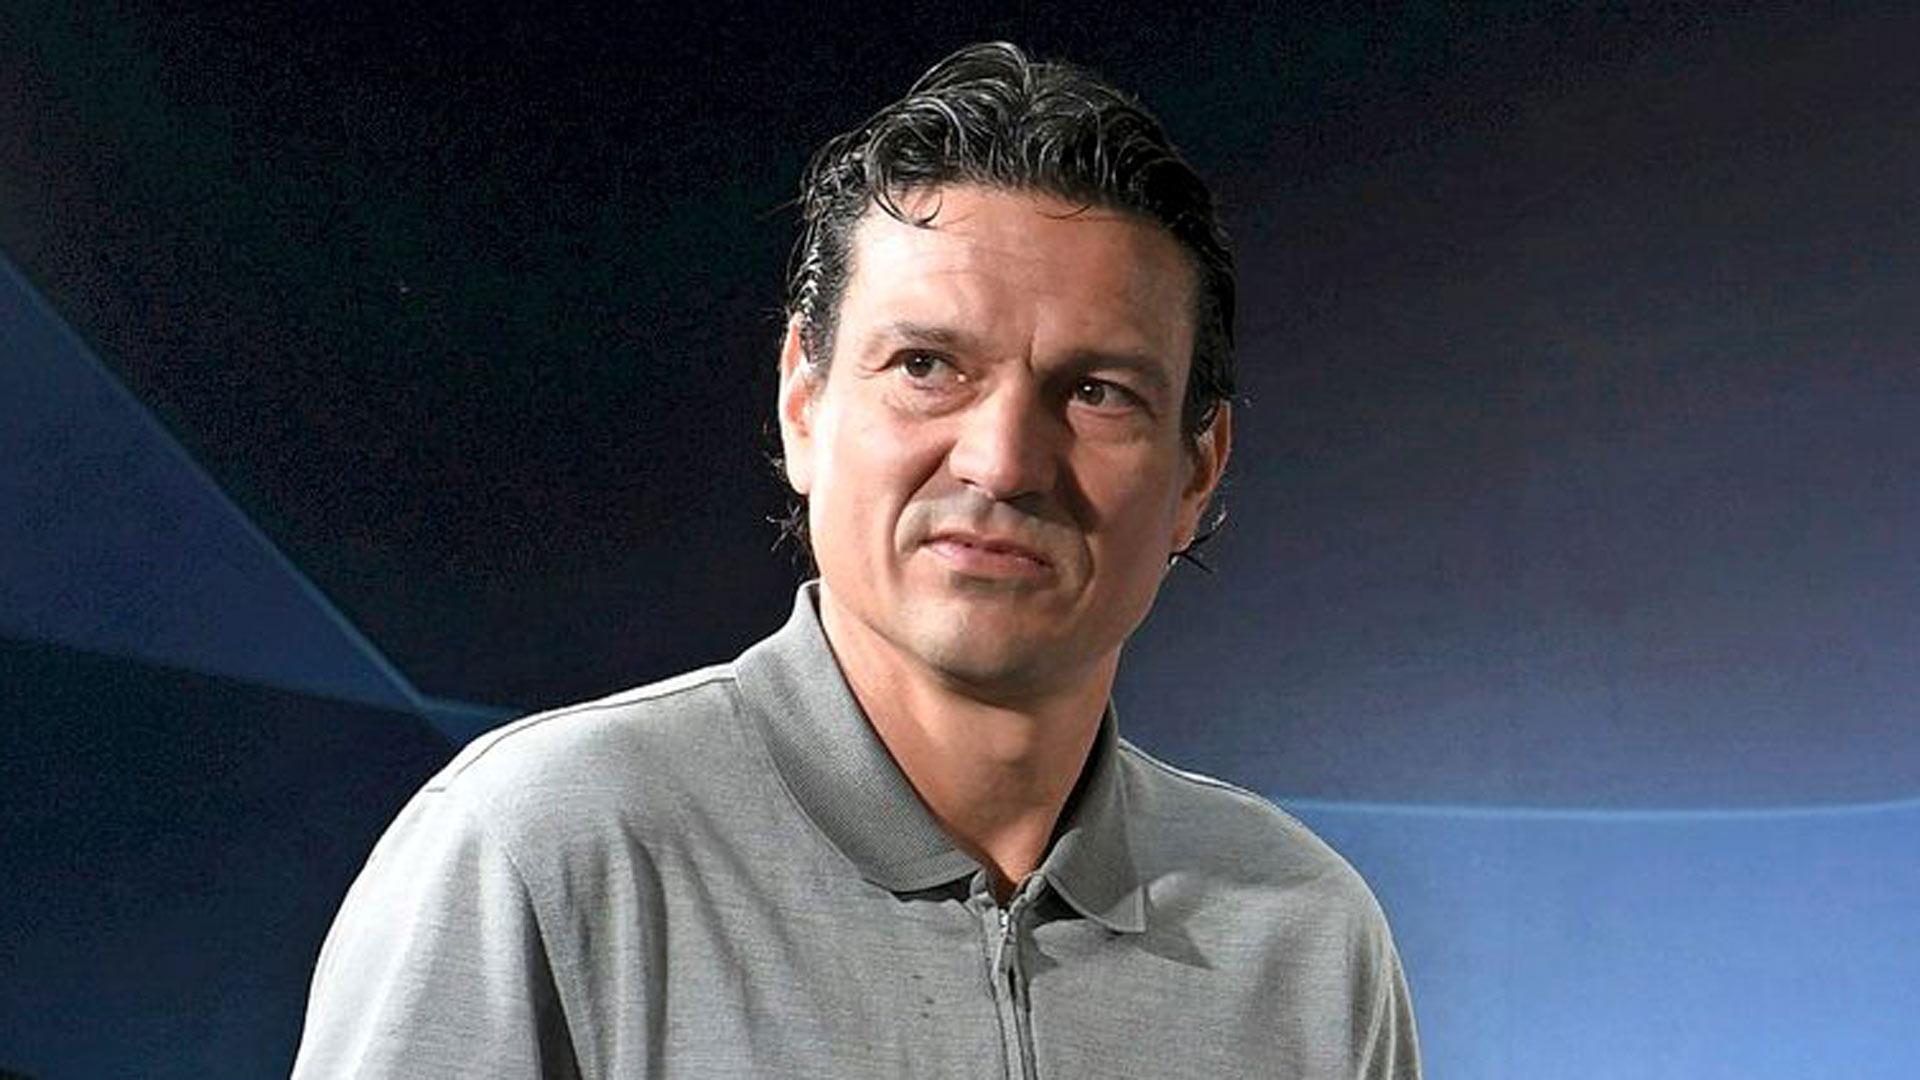 Jalkapalloilija Jari Litmanen on syntynyt 20.2.1971. Hyvää syntymäpäivää!